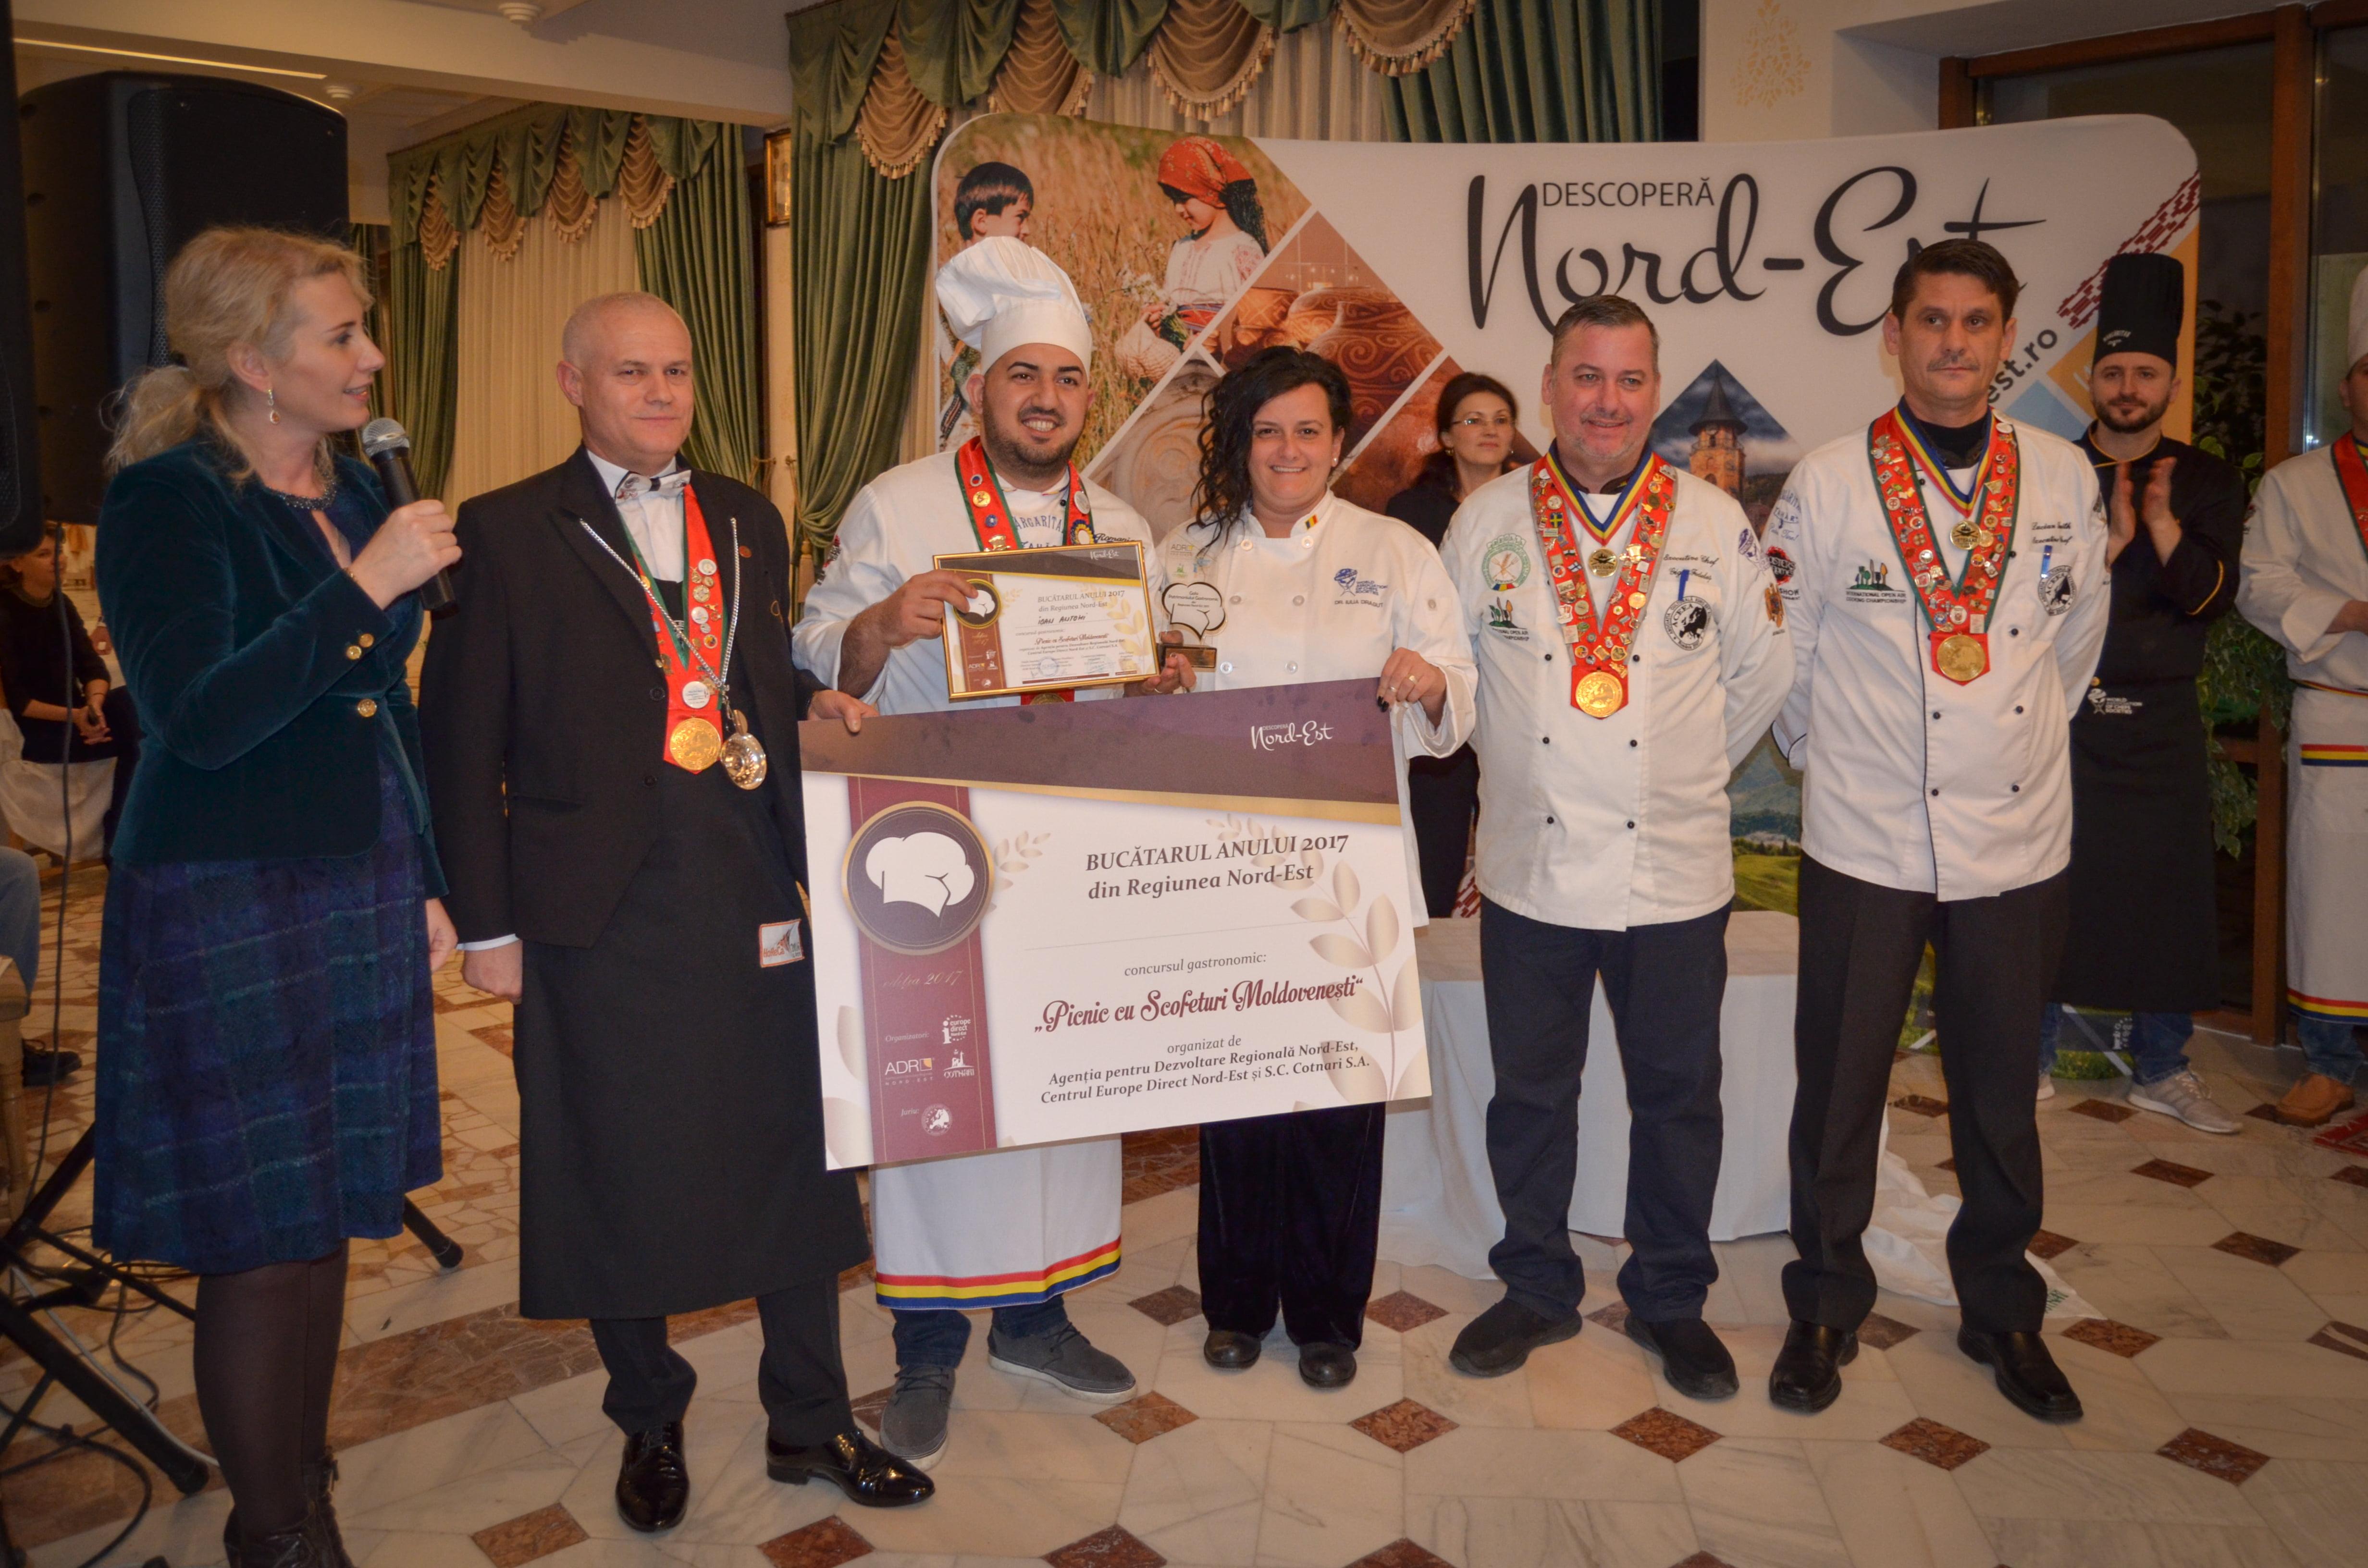 Bucătarul anului 2017, desemnat în cadrul Galei Patrimoniului Gastronomic al Regiunii Nord-Est